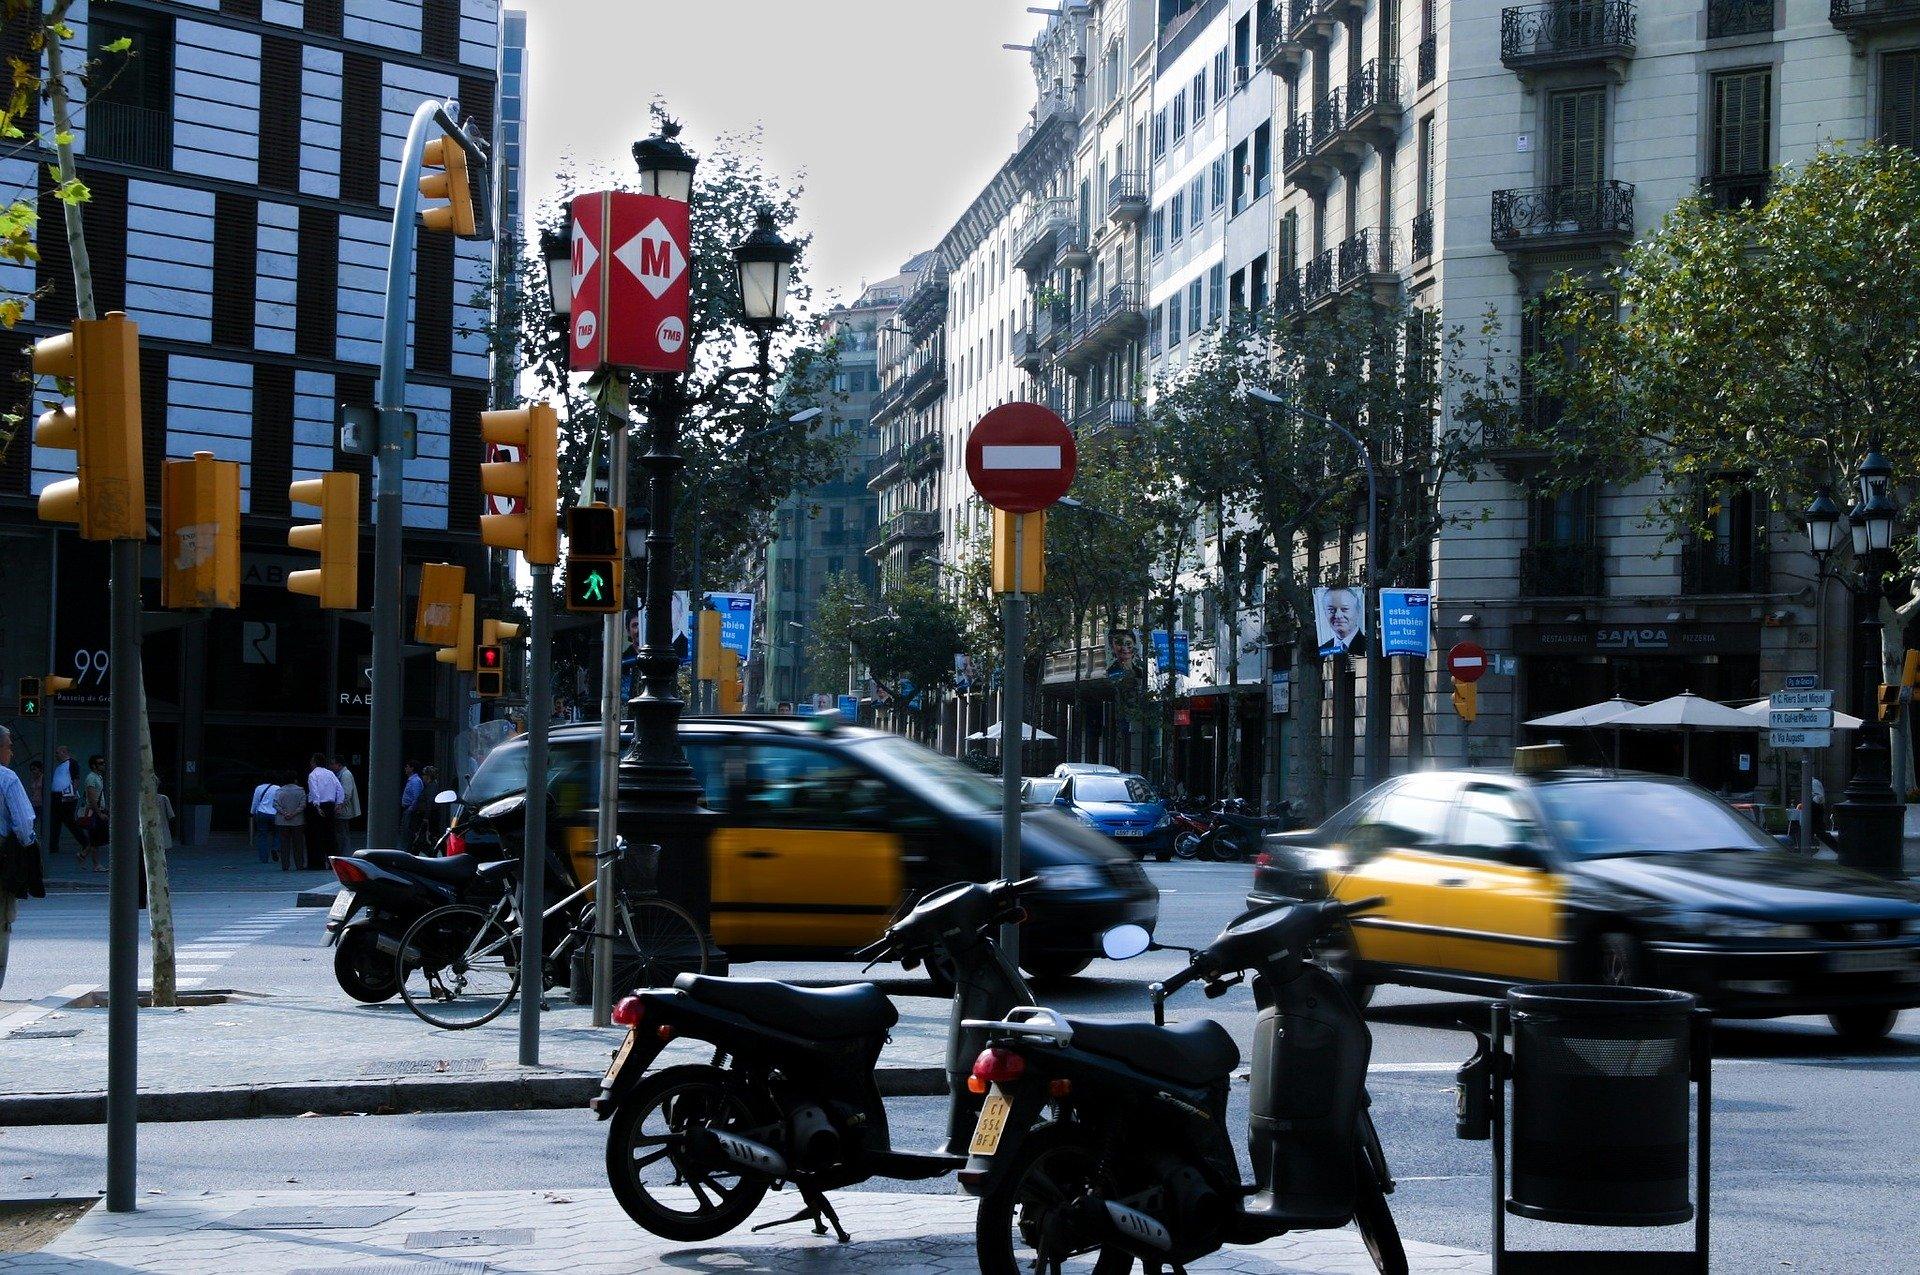 Trafico Barcelona Nuevos Radares